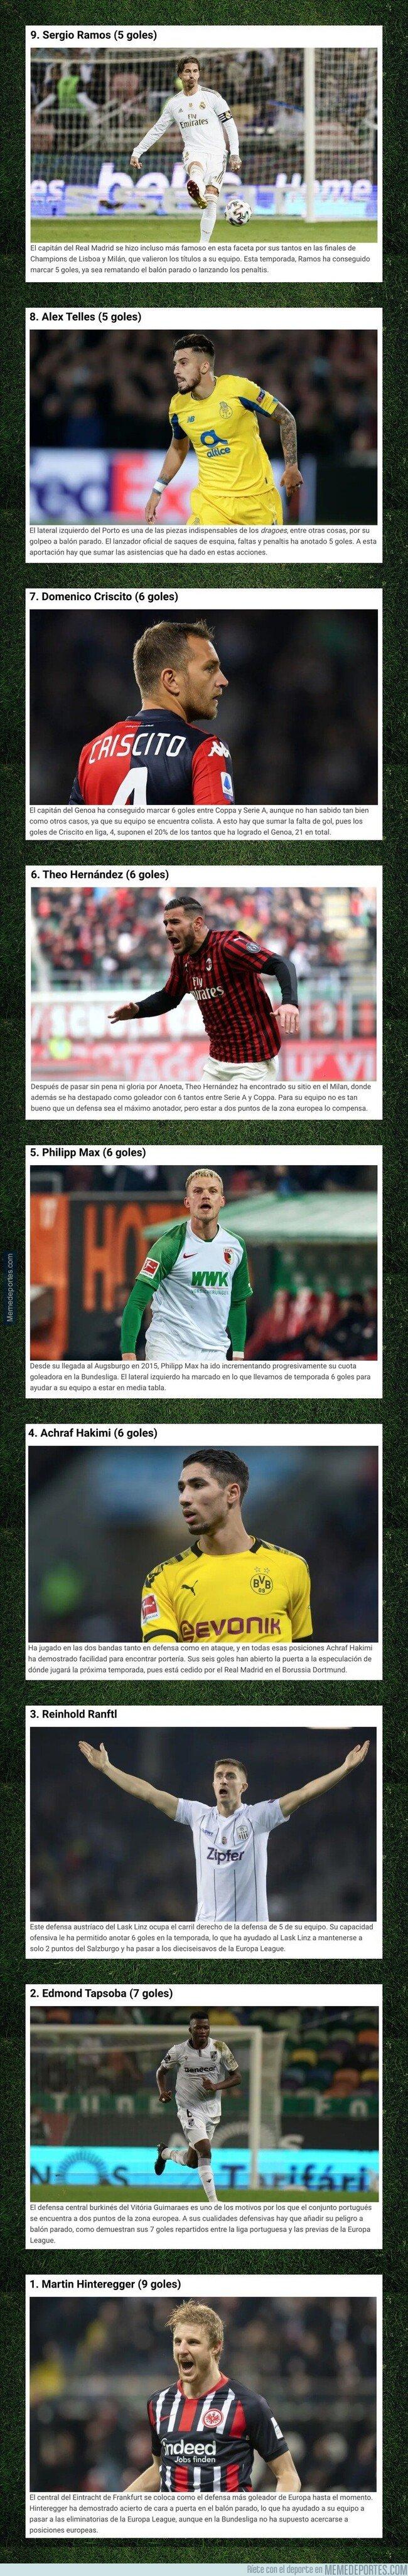 1096421 - Estos son los defensas más goleadores de la temporada en Europa